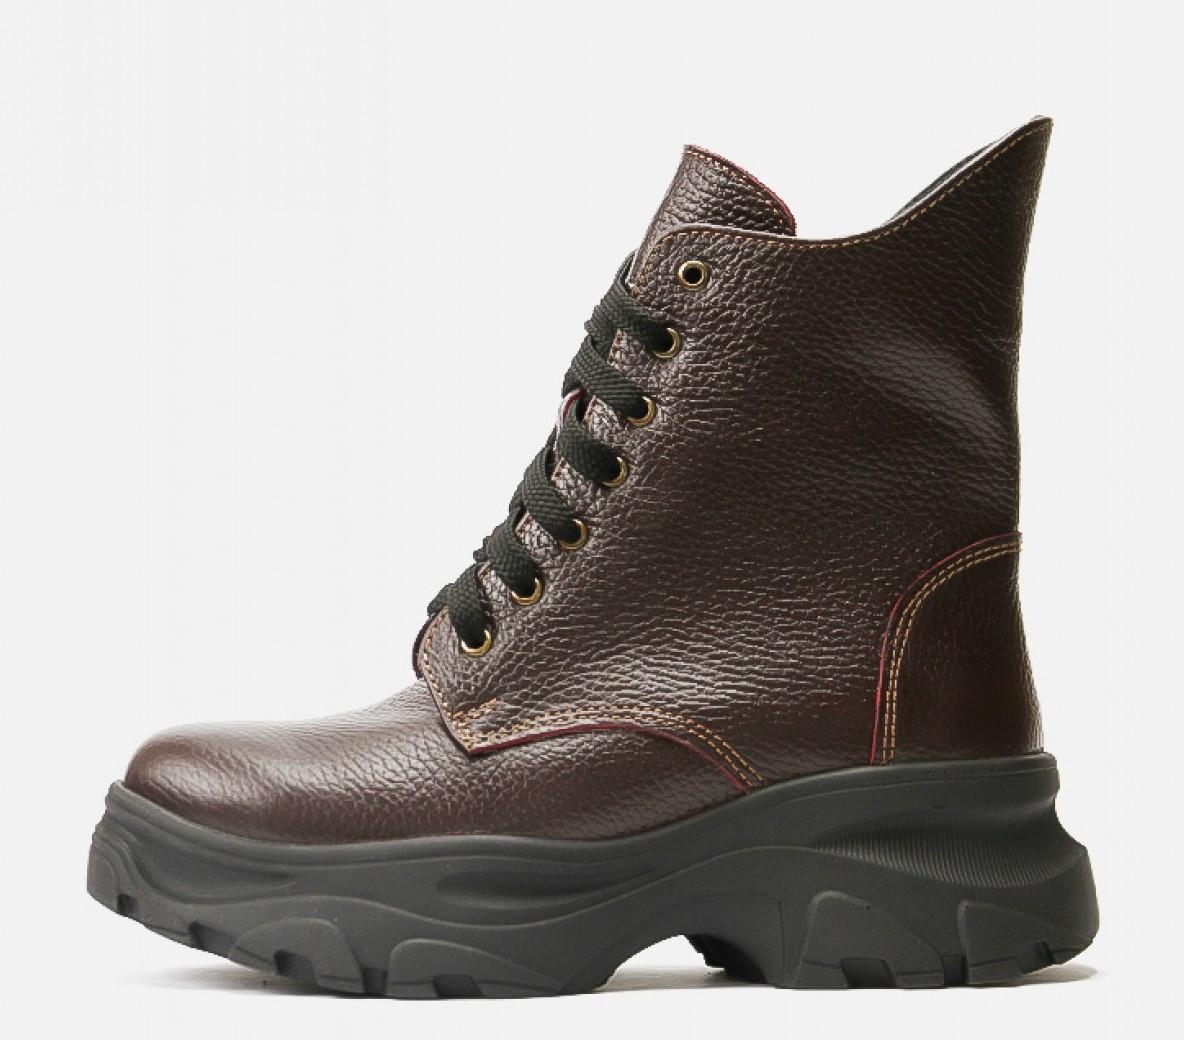 Модные зимние ботинки Villomi кожаные женские бордовые